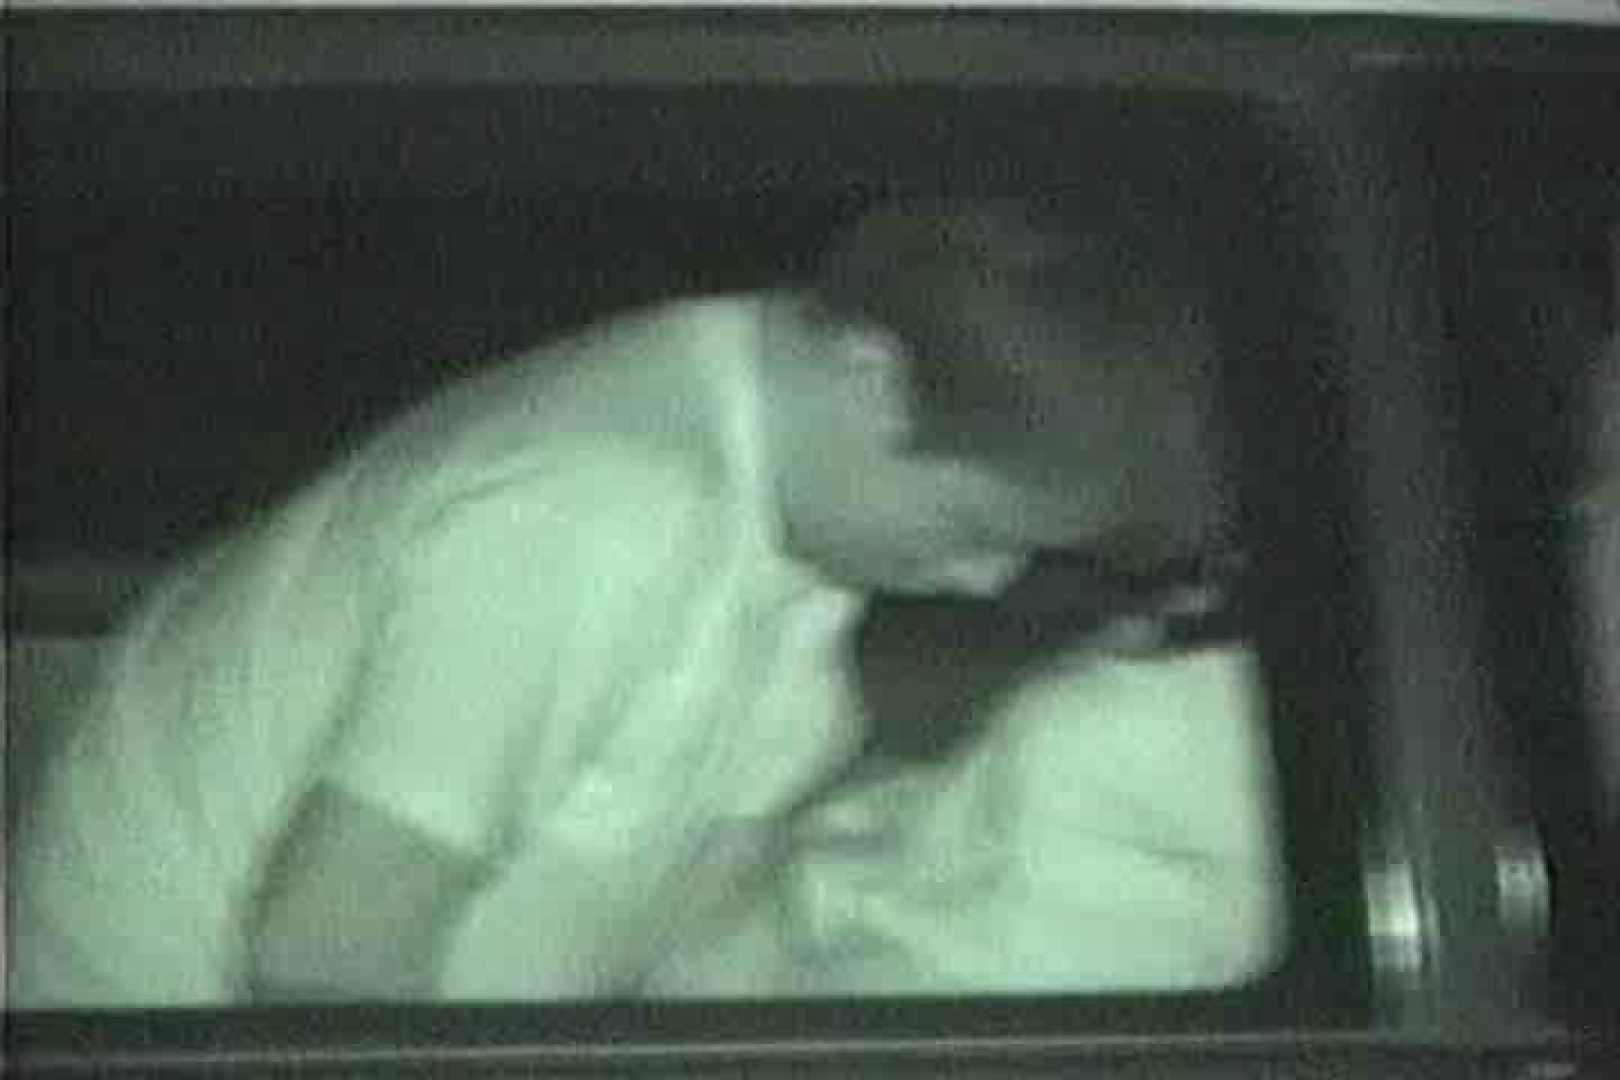 車の中はラブホテル 無修正版  Vol.9 エロティックなOL 性交動画流出 60画像 44